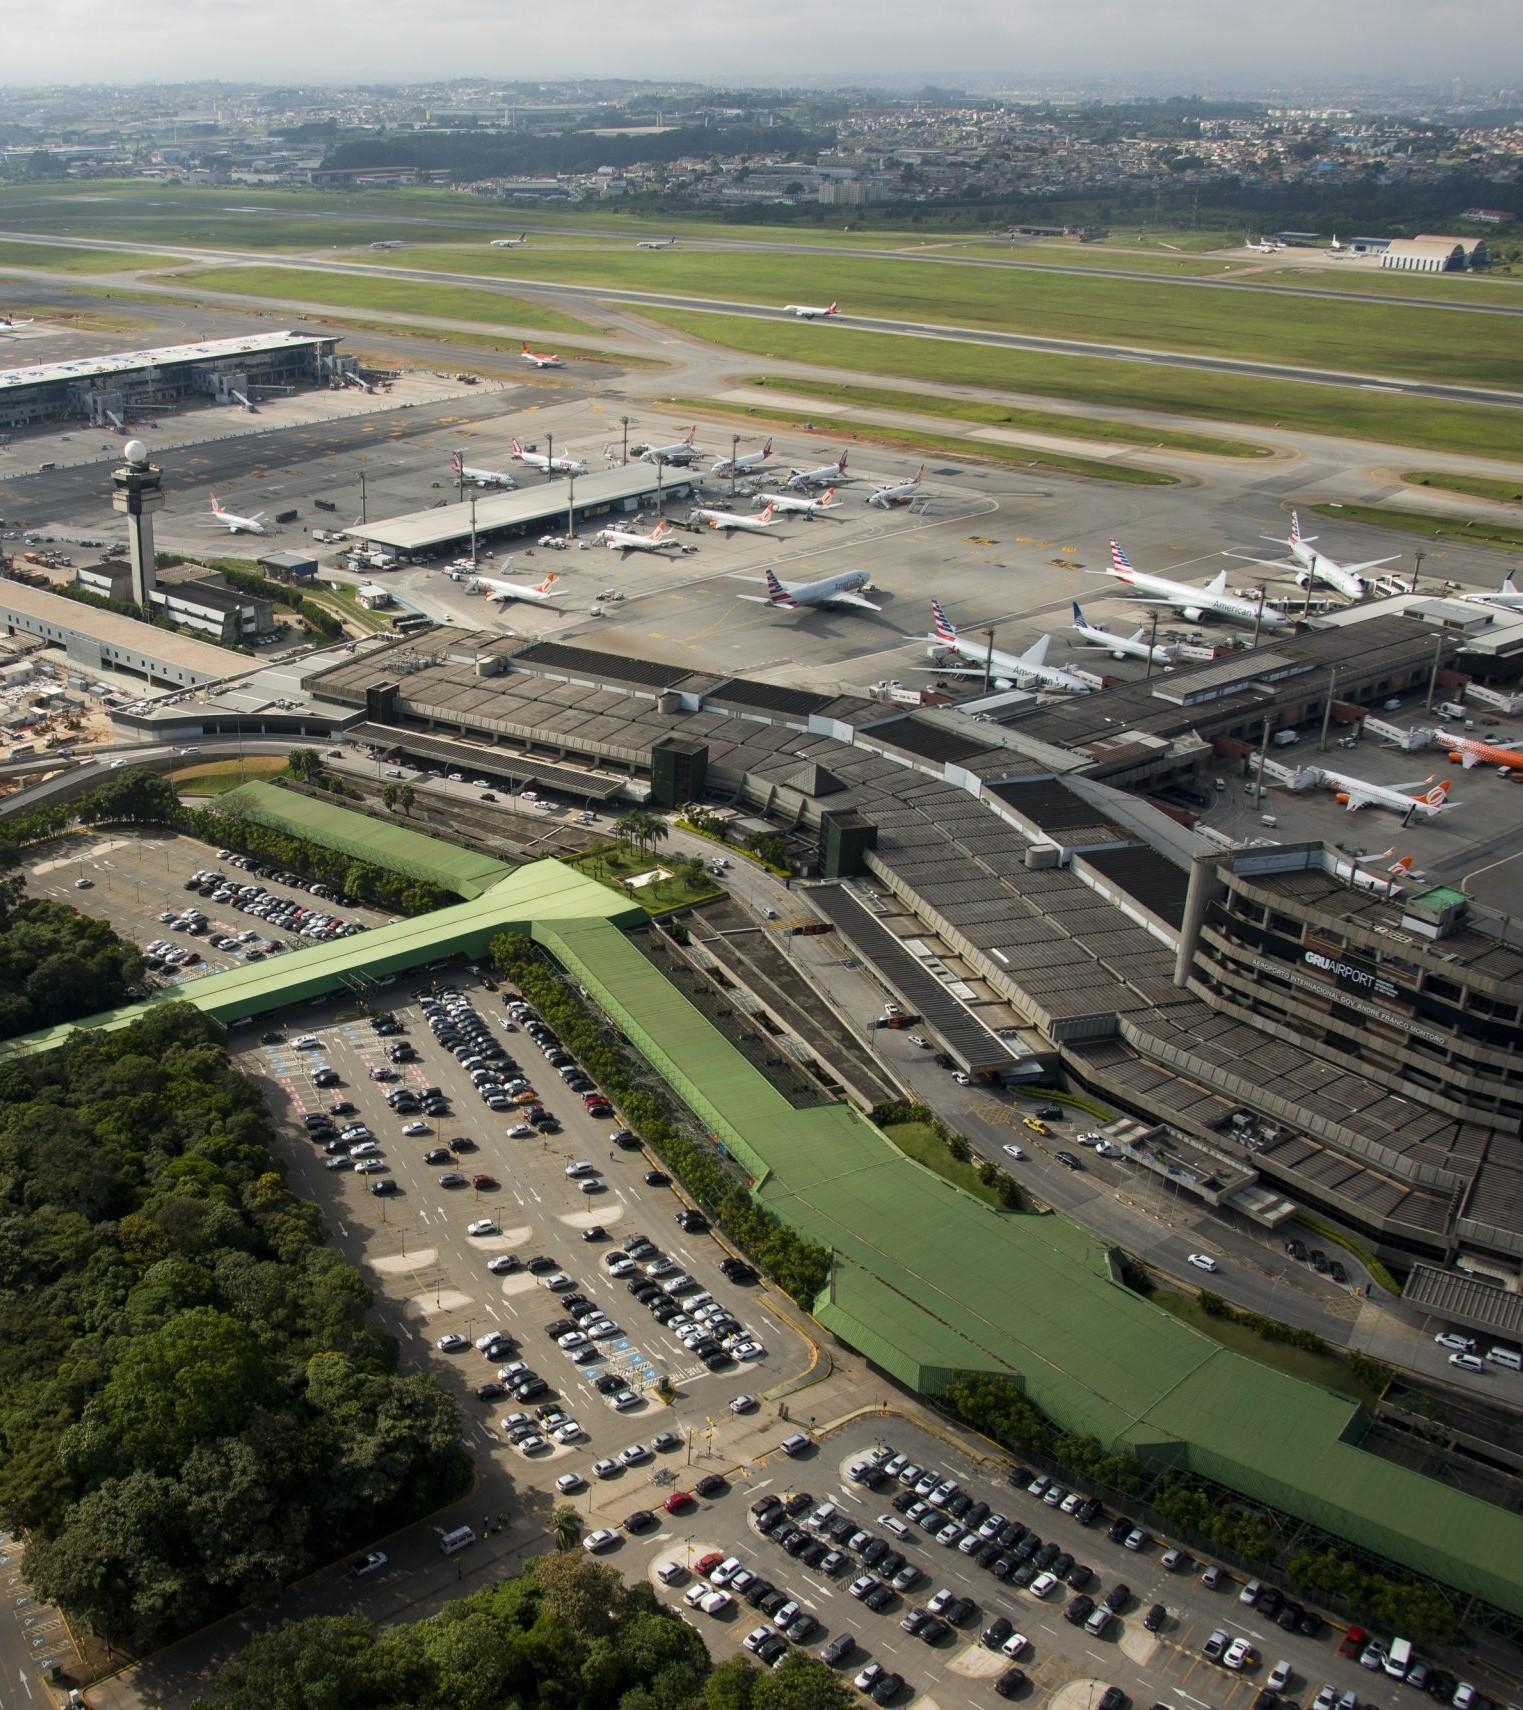 Aeroporto Internacional de São Paulo GRU - Projeto ímpar Distribuidora Impar Distribuidora, especialistas em Impermeabilização de Concreto